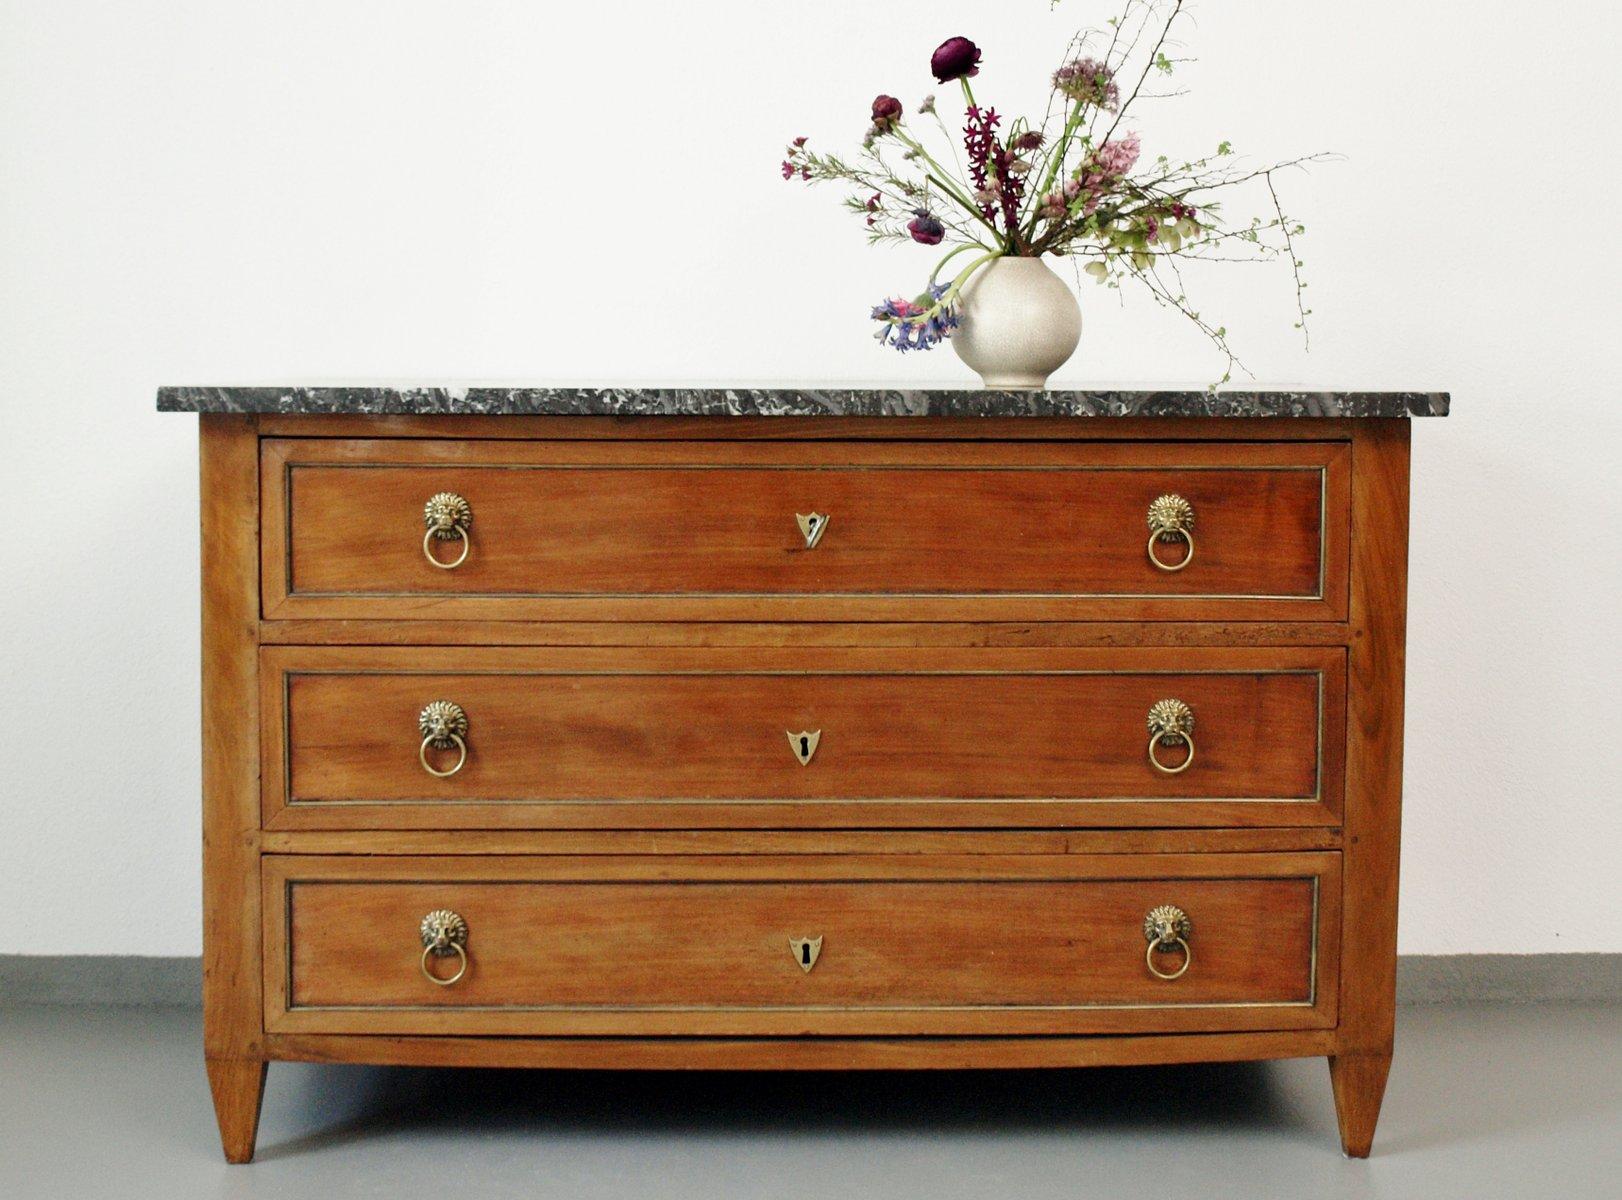 antike franz sische kommode mit marmorplatte 1790er bei pamono kaufen. Black Bedroom Furniture Sets. Home Design Ideas